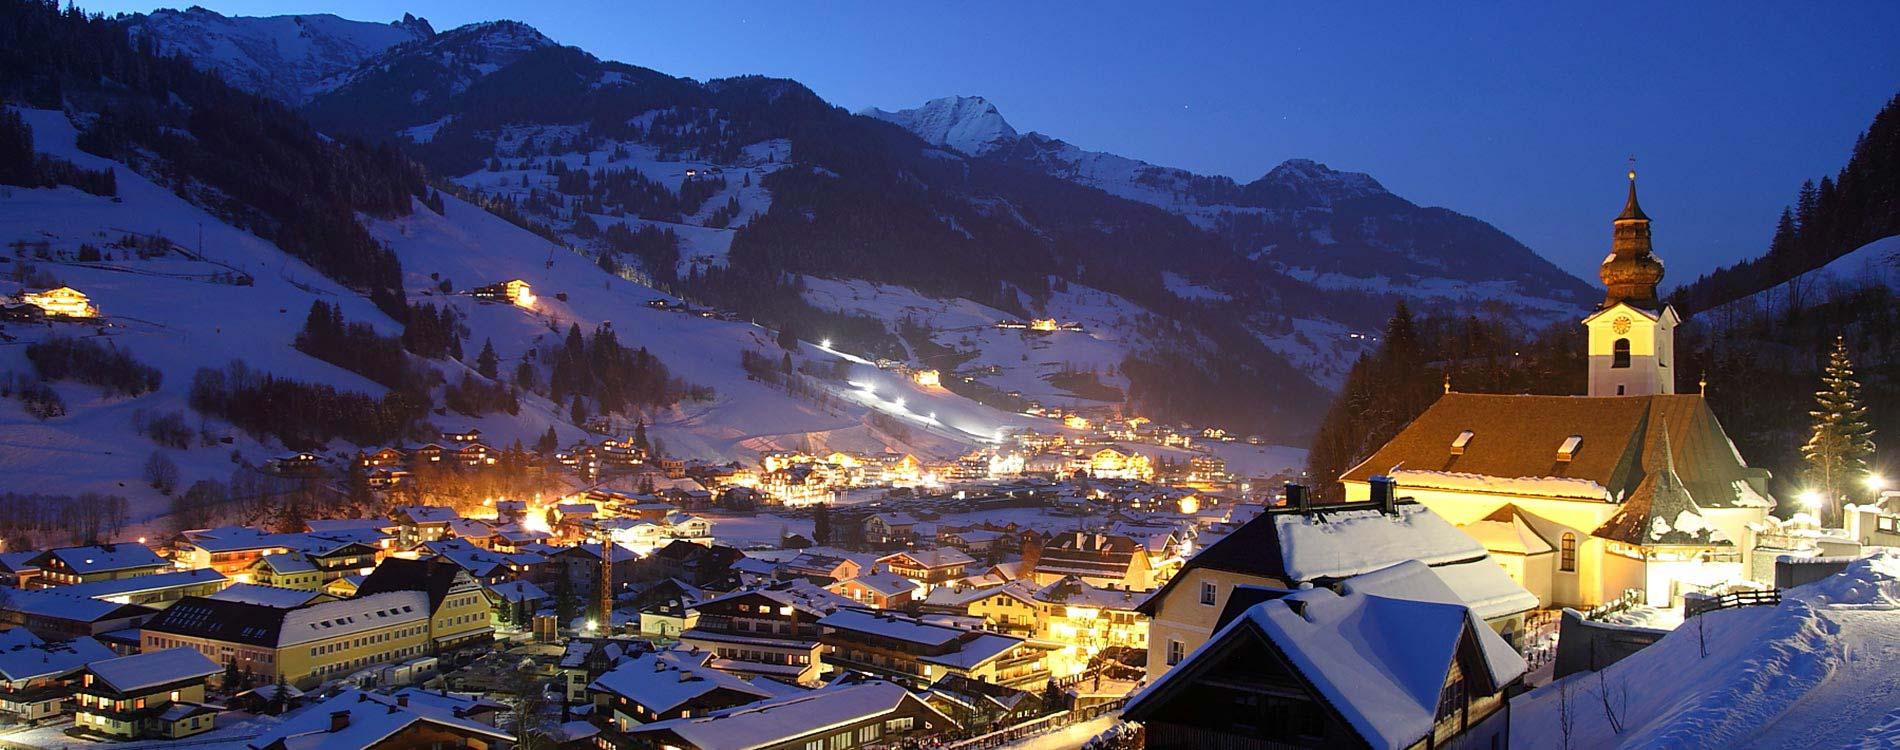 New Year ski deal - Niche Destinations 4-star-superior hotel GROSSARLER HOF mountains night view